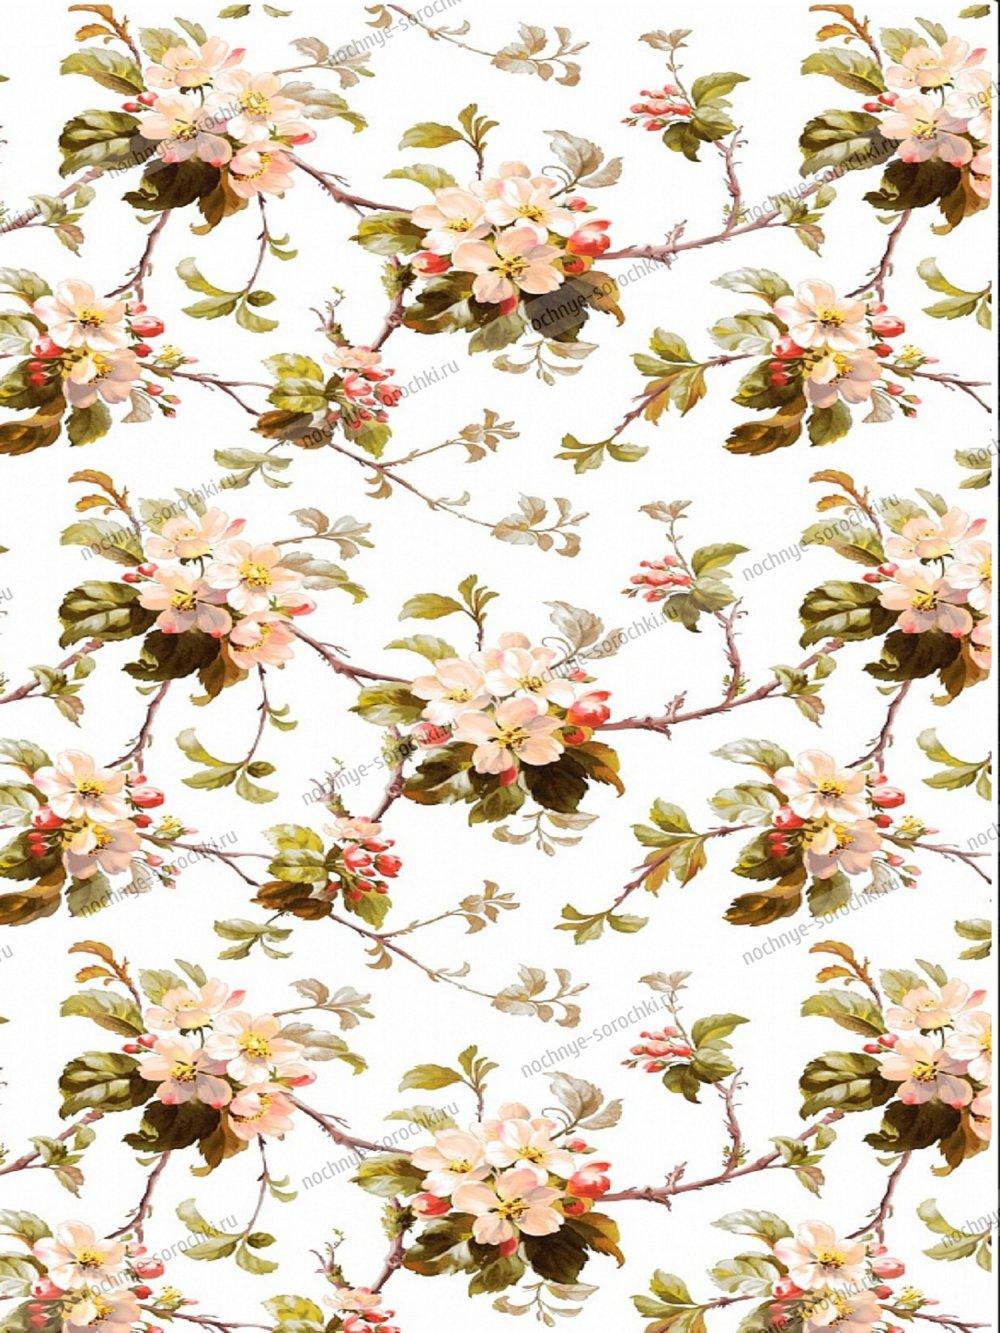 Скатерть столовая Яблоневый цвет (белый) (150*150) 150